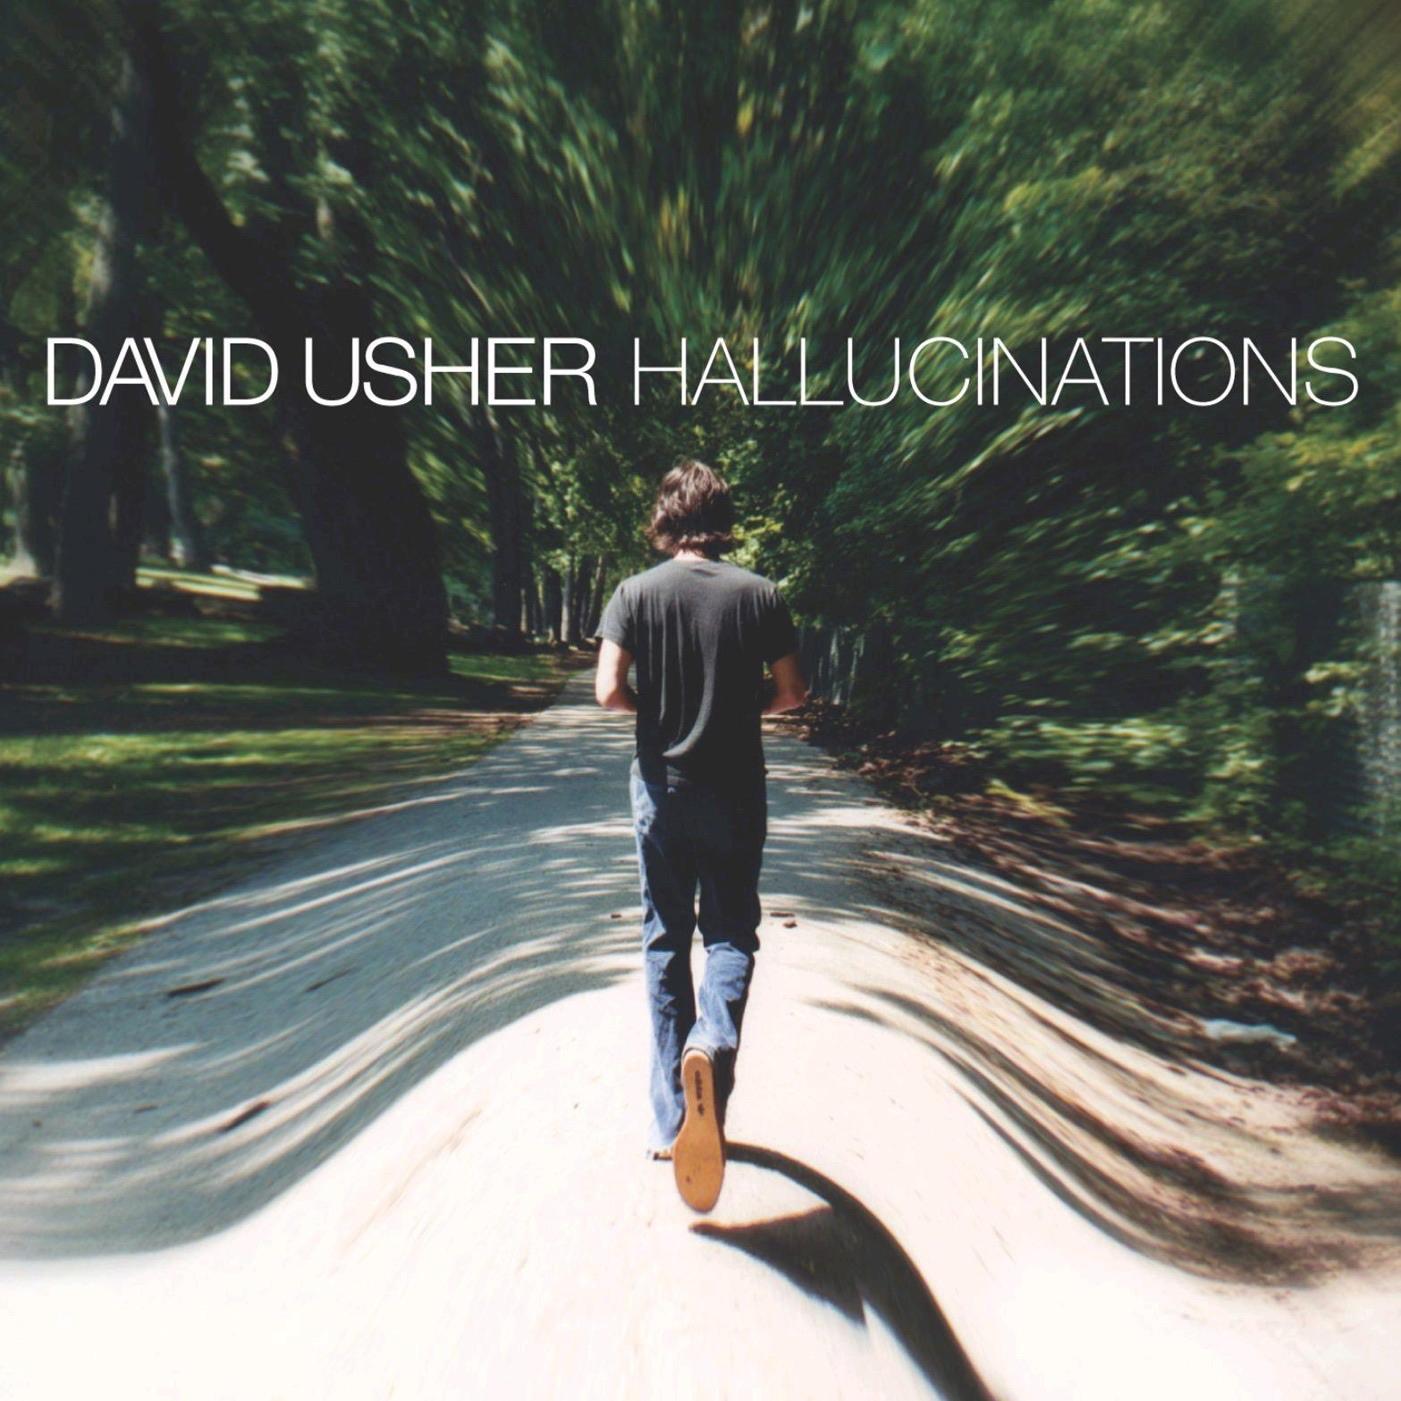 David Usher